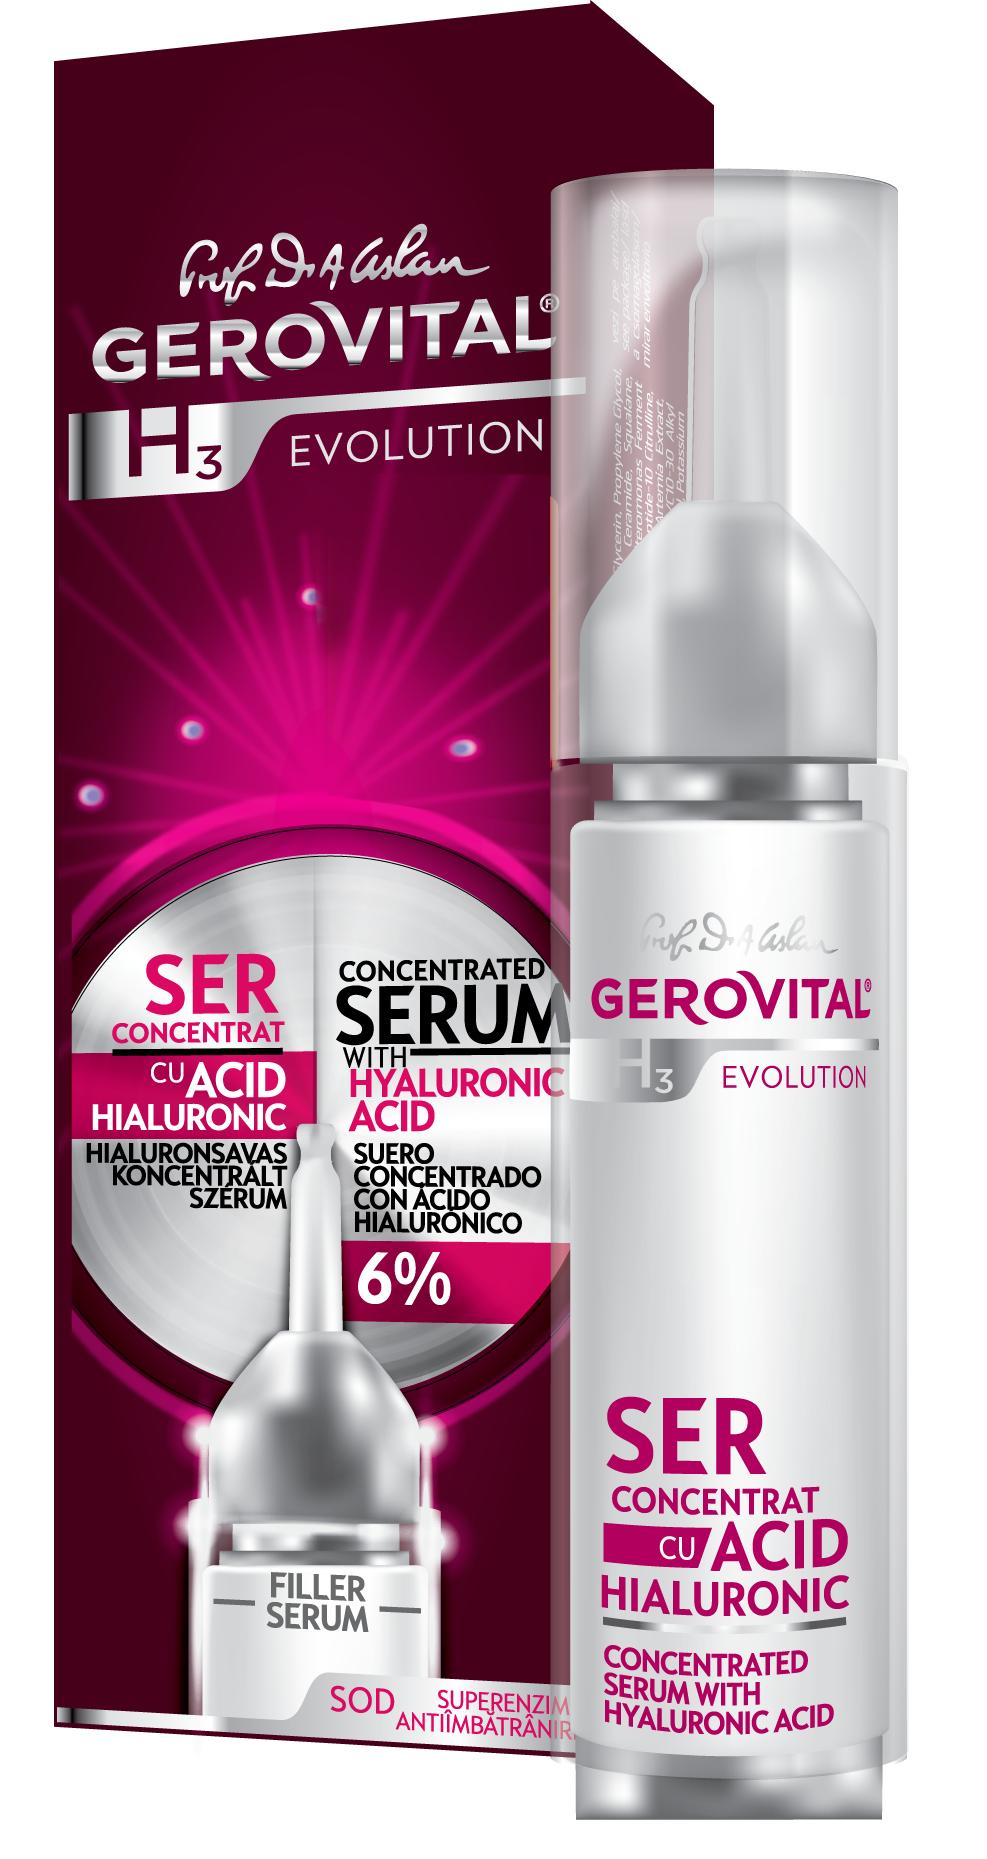 Ορός - Serum - με Συμπυκνωμένο Υαλουρονικό Οξύ